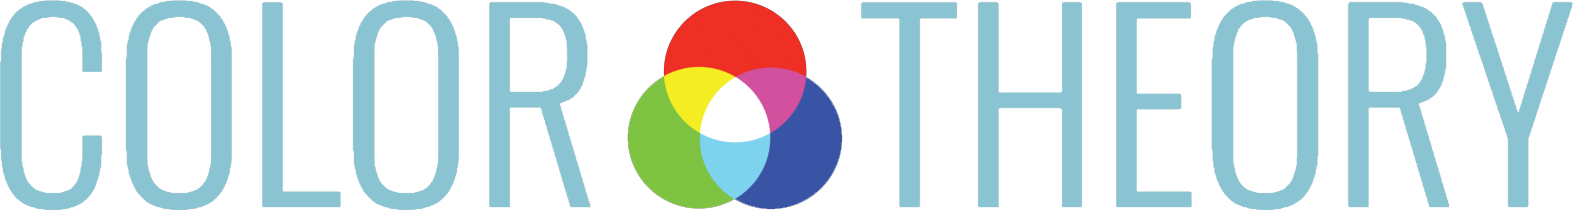 Colortheorylogo2